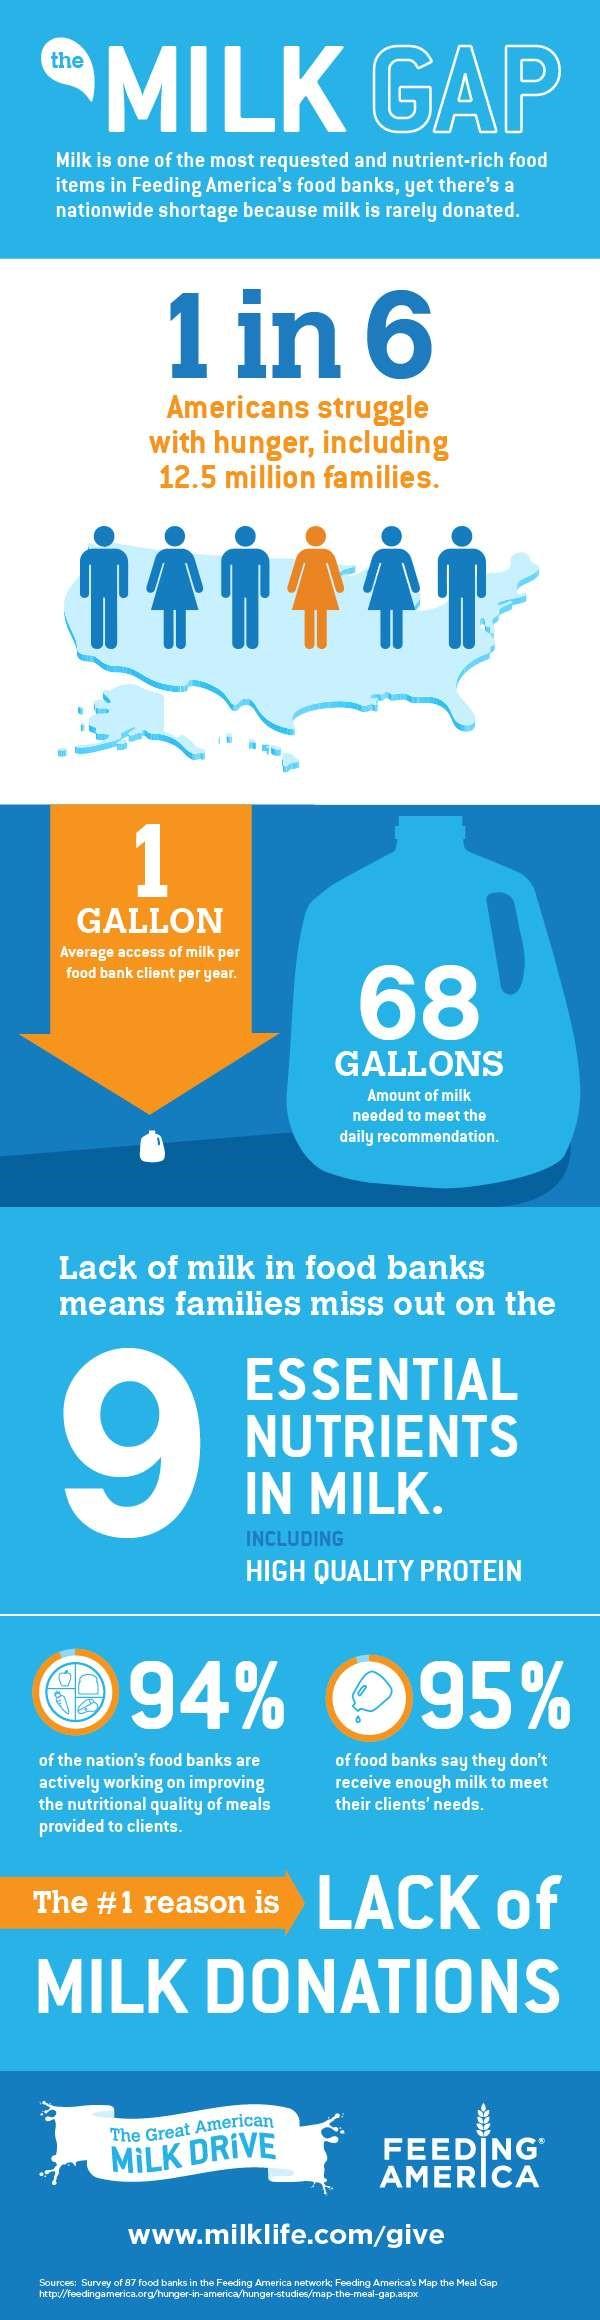 bridging milk gap